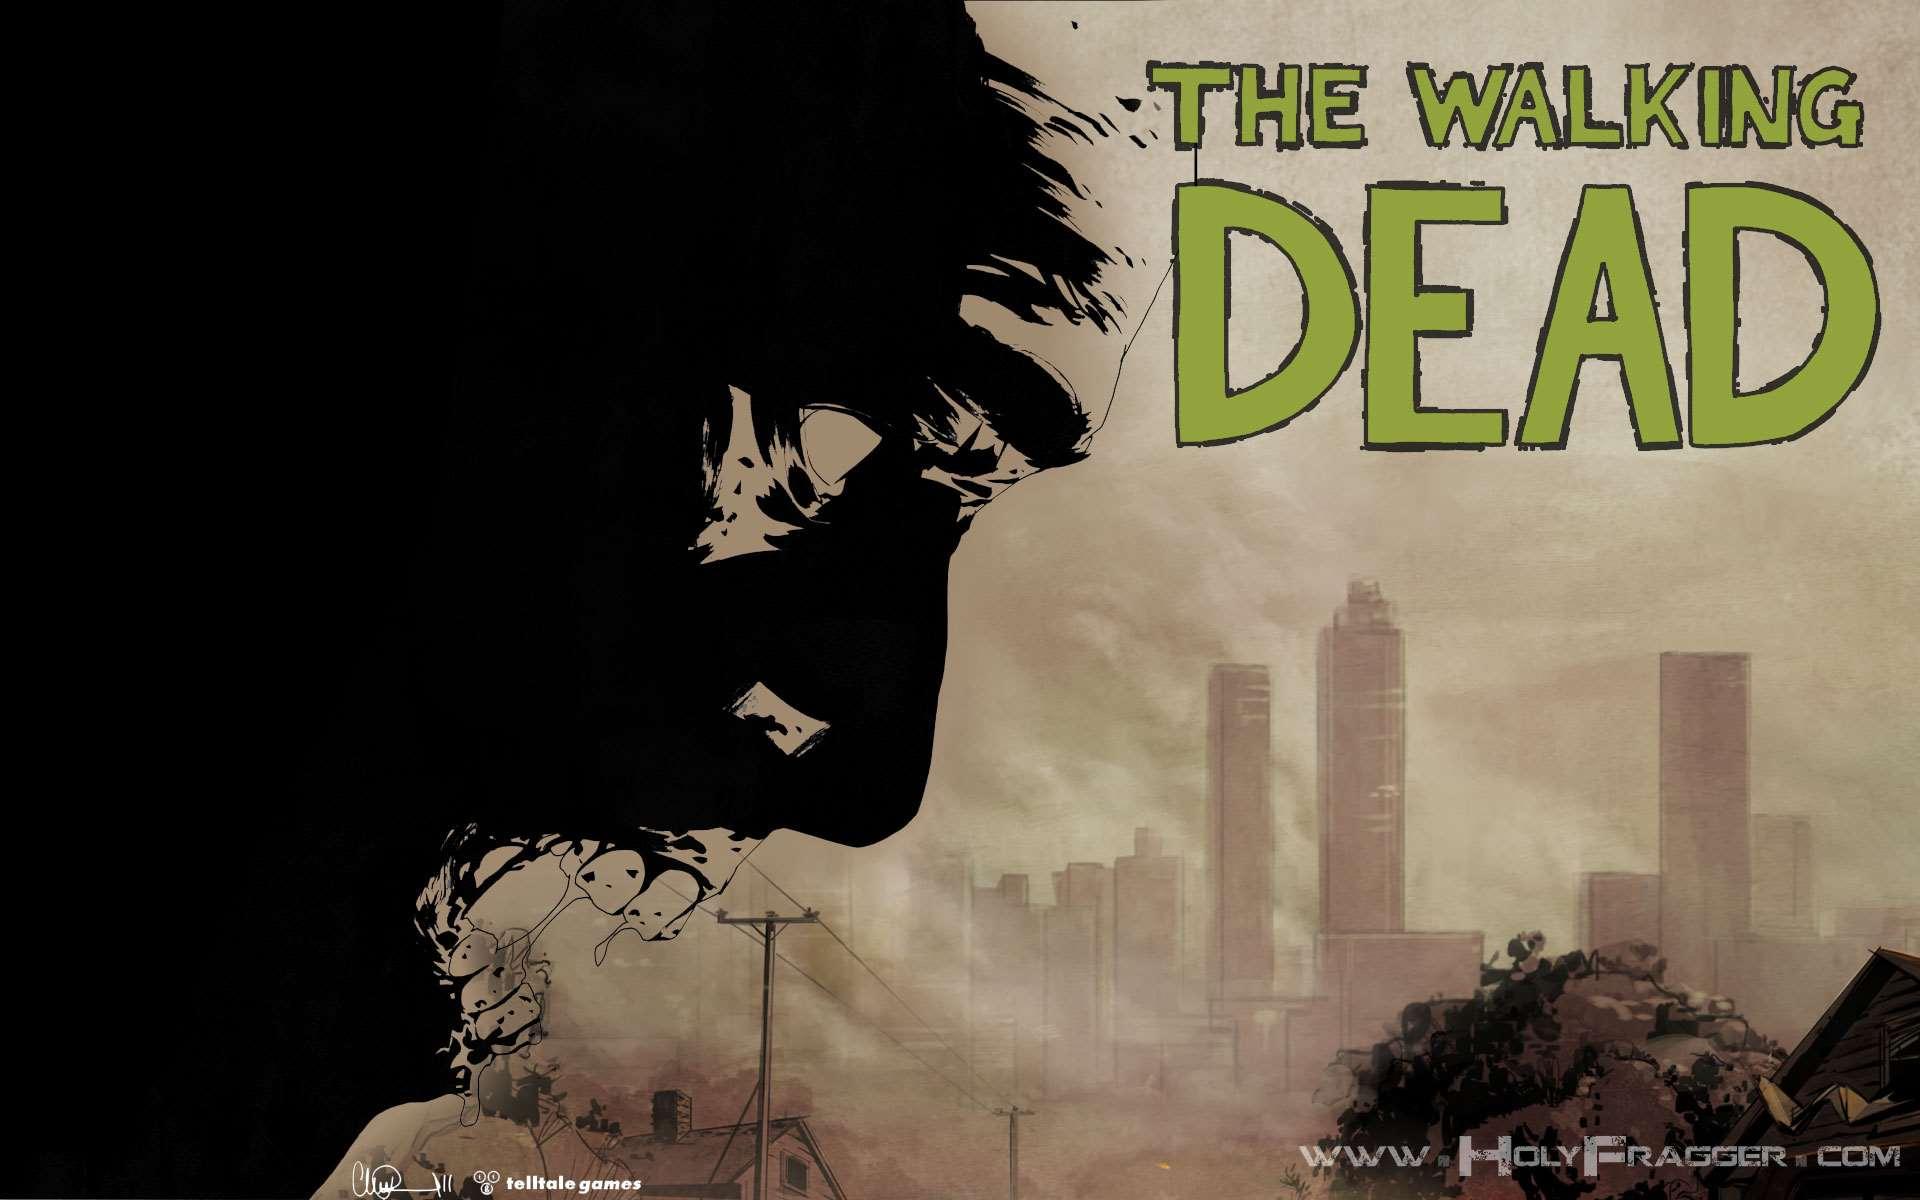 The Walking Dead The Walking Dead Video Game Wallpaper 1 Wallpaper